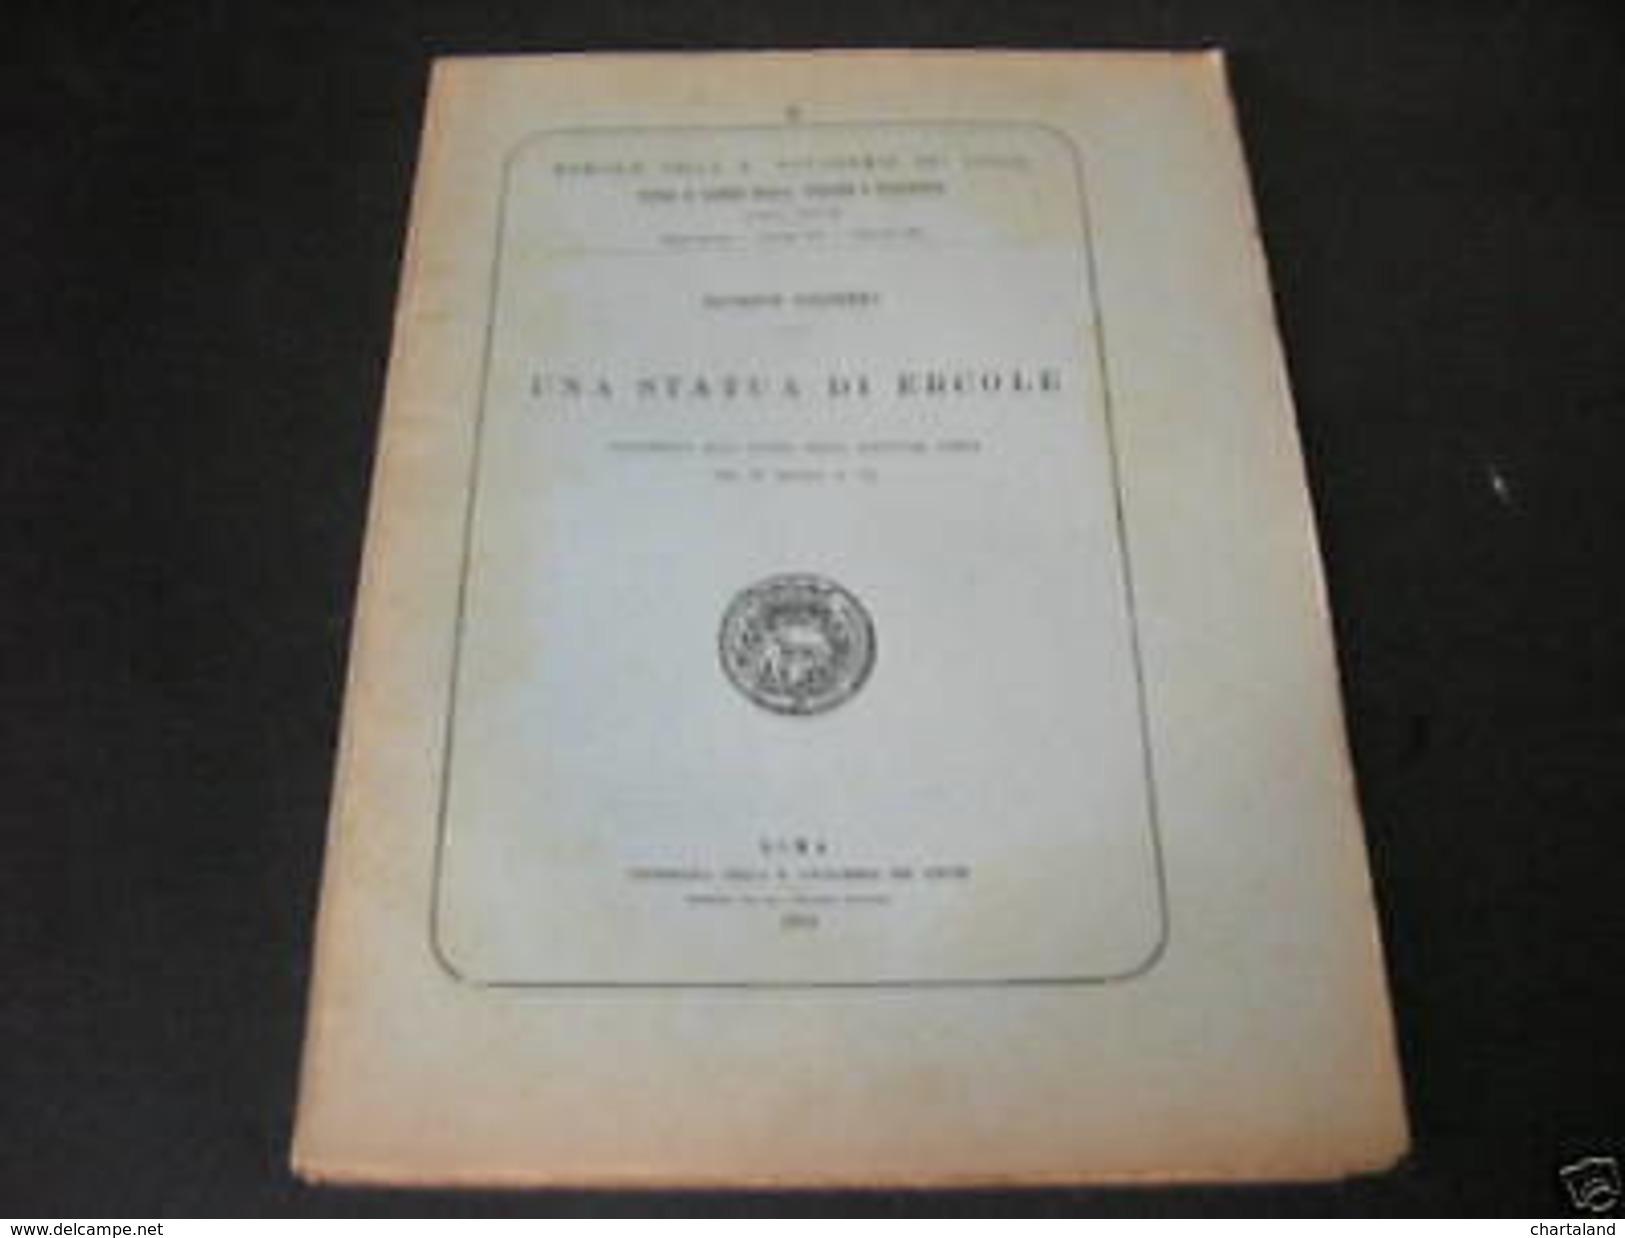 Archeologia Grecia Scultura - G. Cultrera - Una Statua Di Ercole - 1^ Ed. 1910 - Libri, Riviste, Fumetti